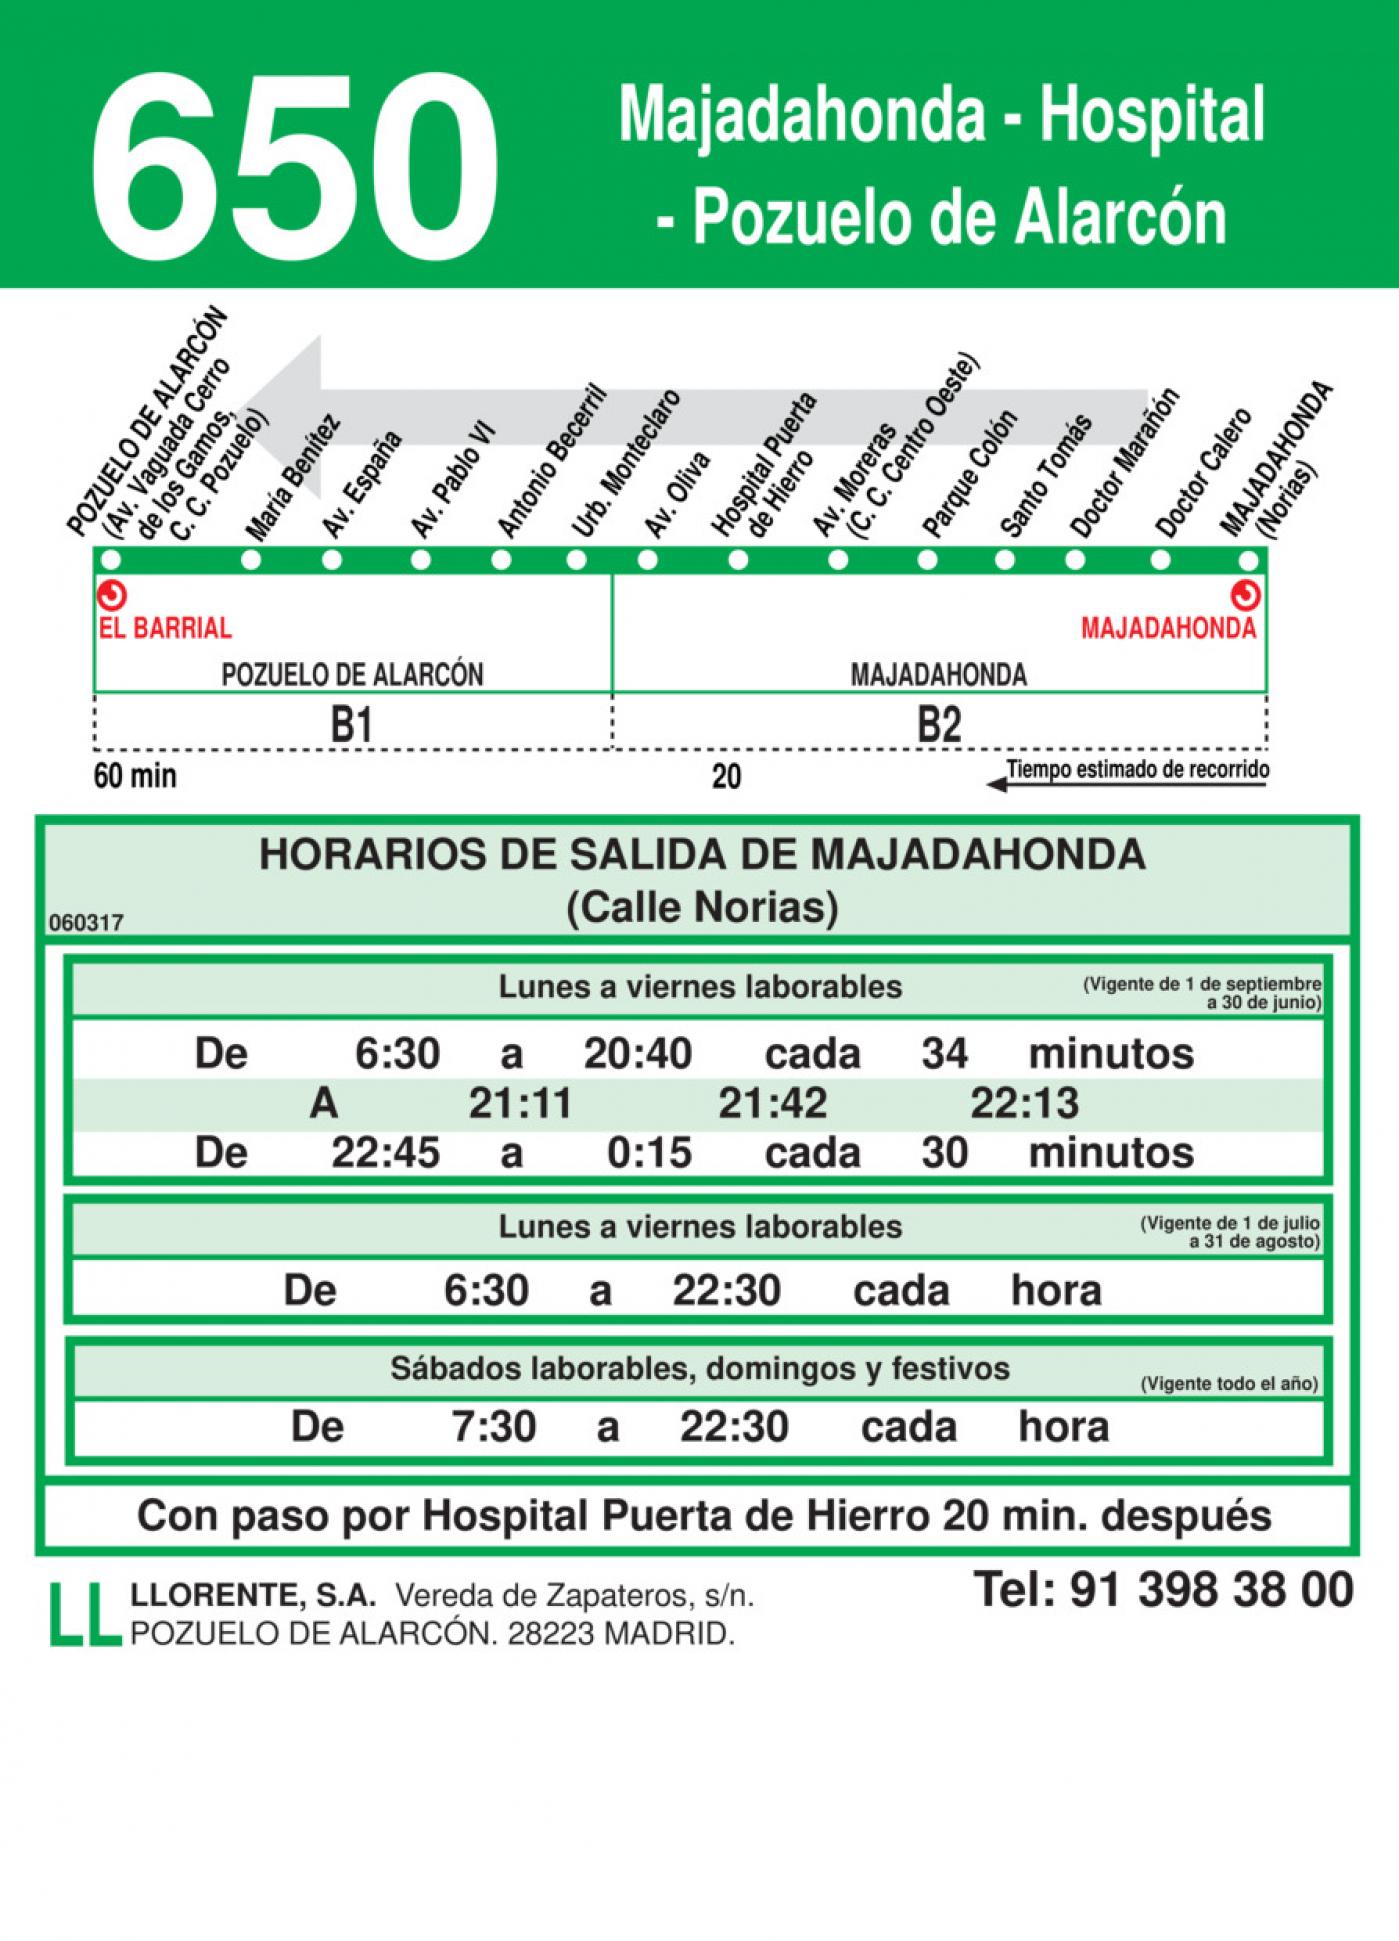 Tabla de horarios y frecuencias de paso en sentido vuelta Línea 650: Pozuelo de Alarcón - Hospital - Majadahonda